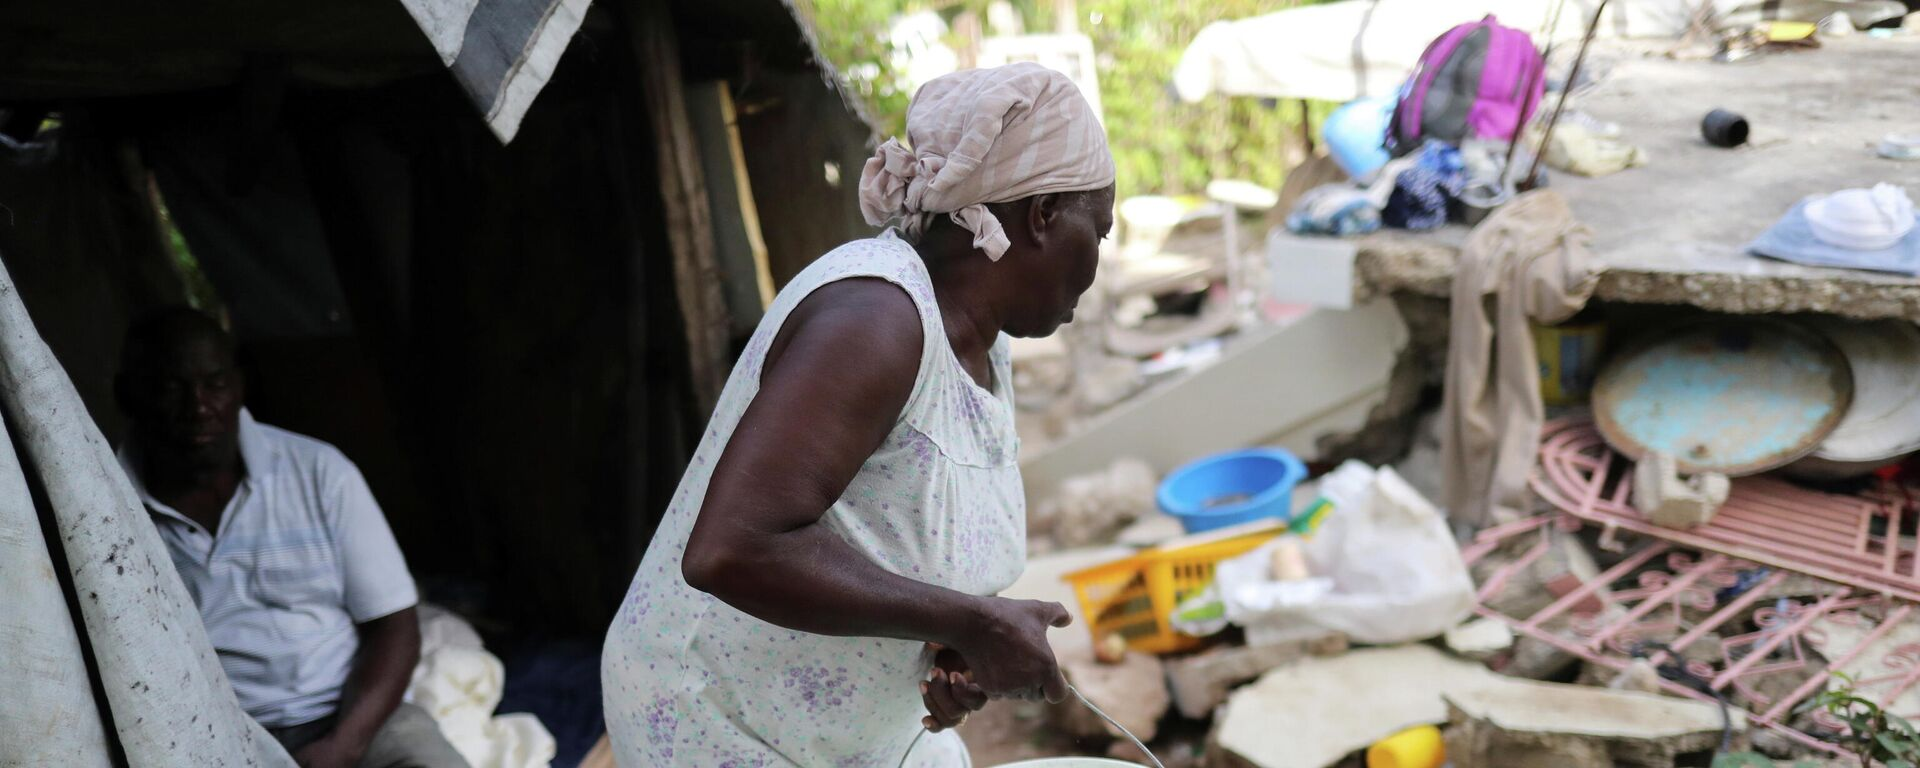 Consecuencias del terremoto en Haití - Sputnik Mundo, 1920, 24.08.2021